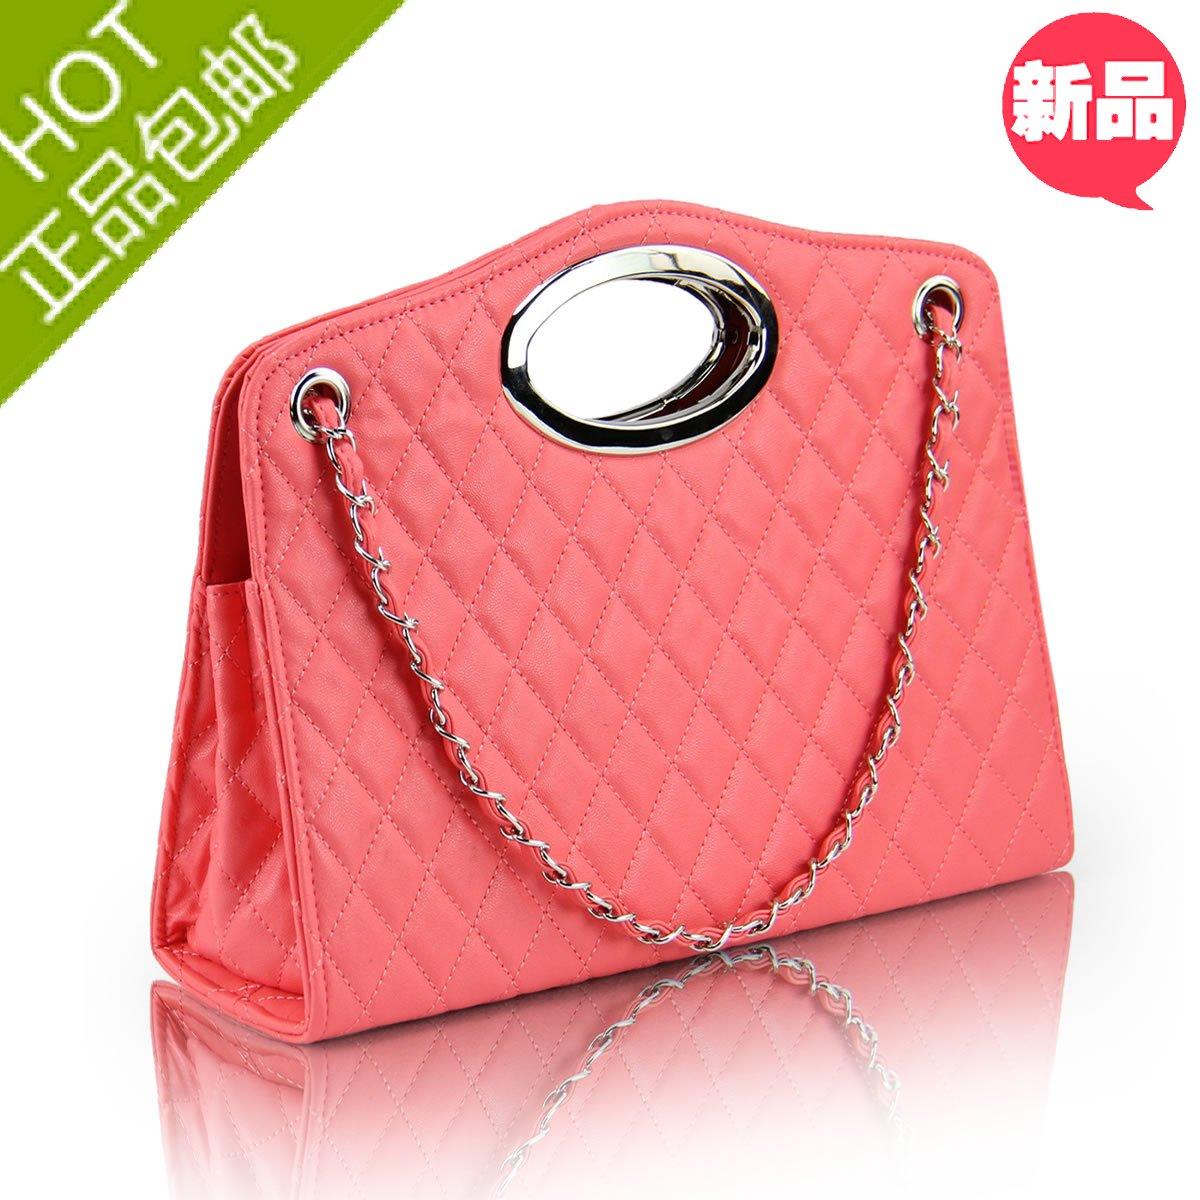 اجمل الحقائب النسائية و المدرسية 2013 2013-women-s-handbag